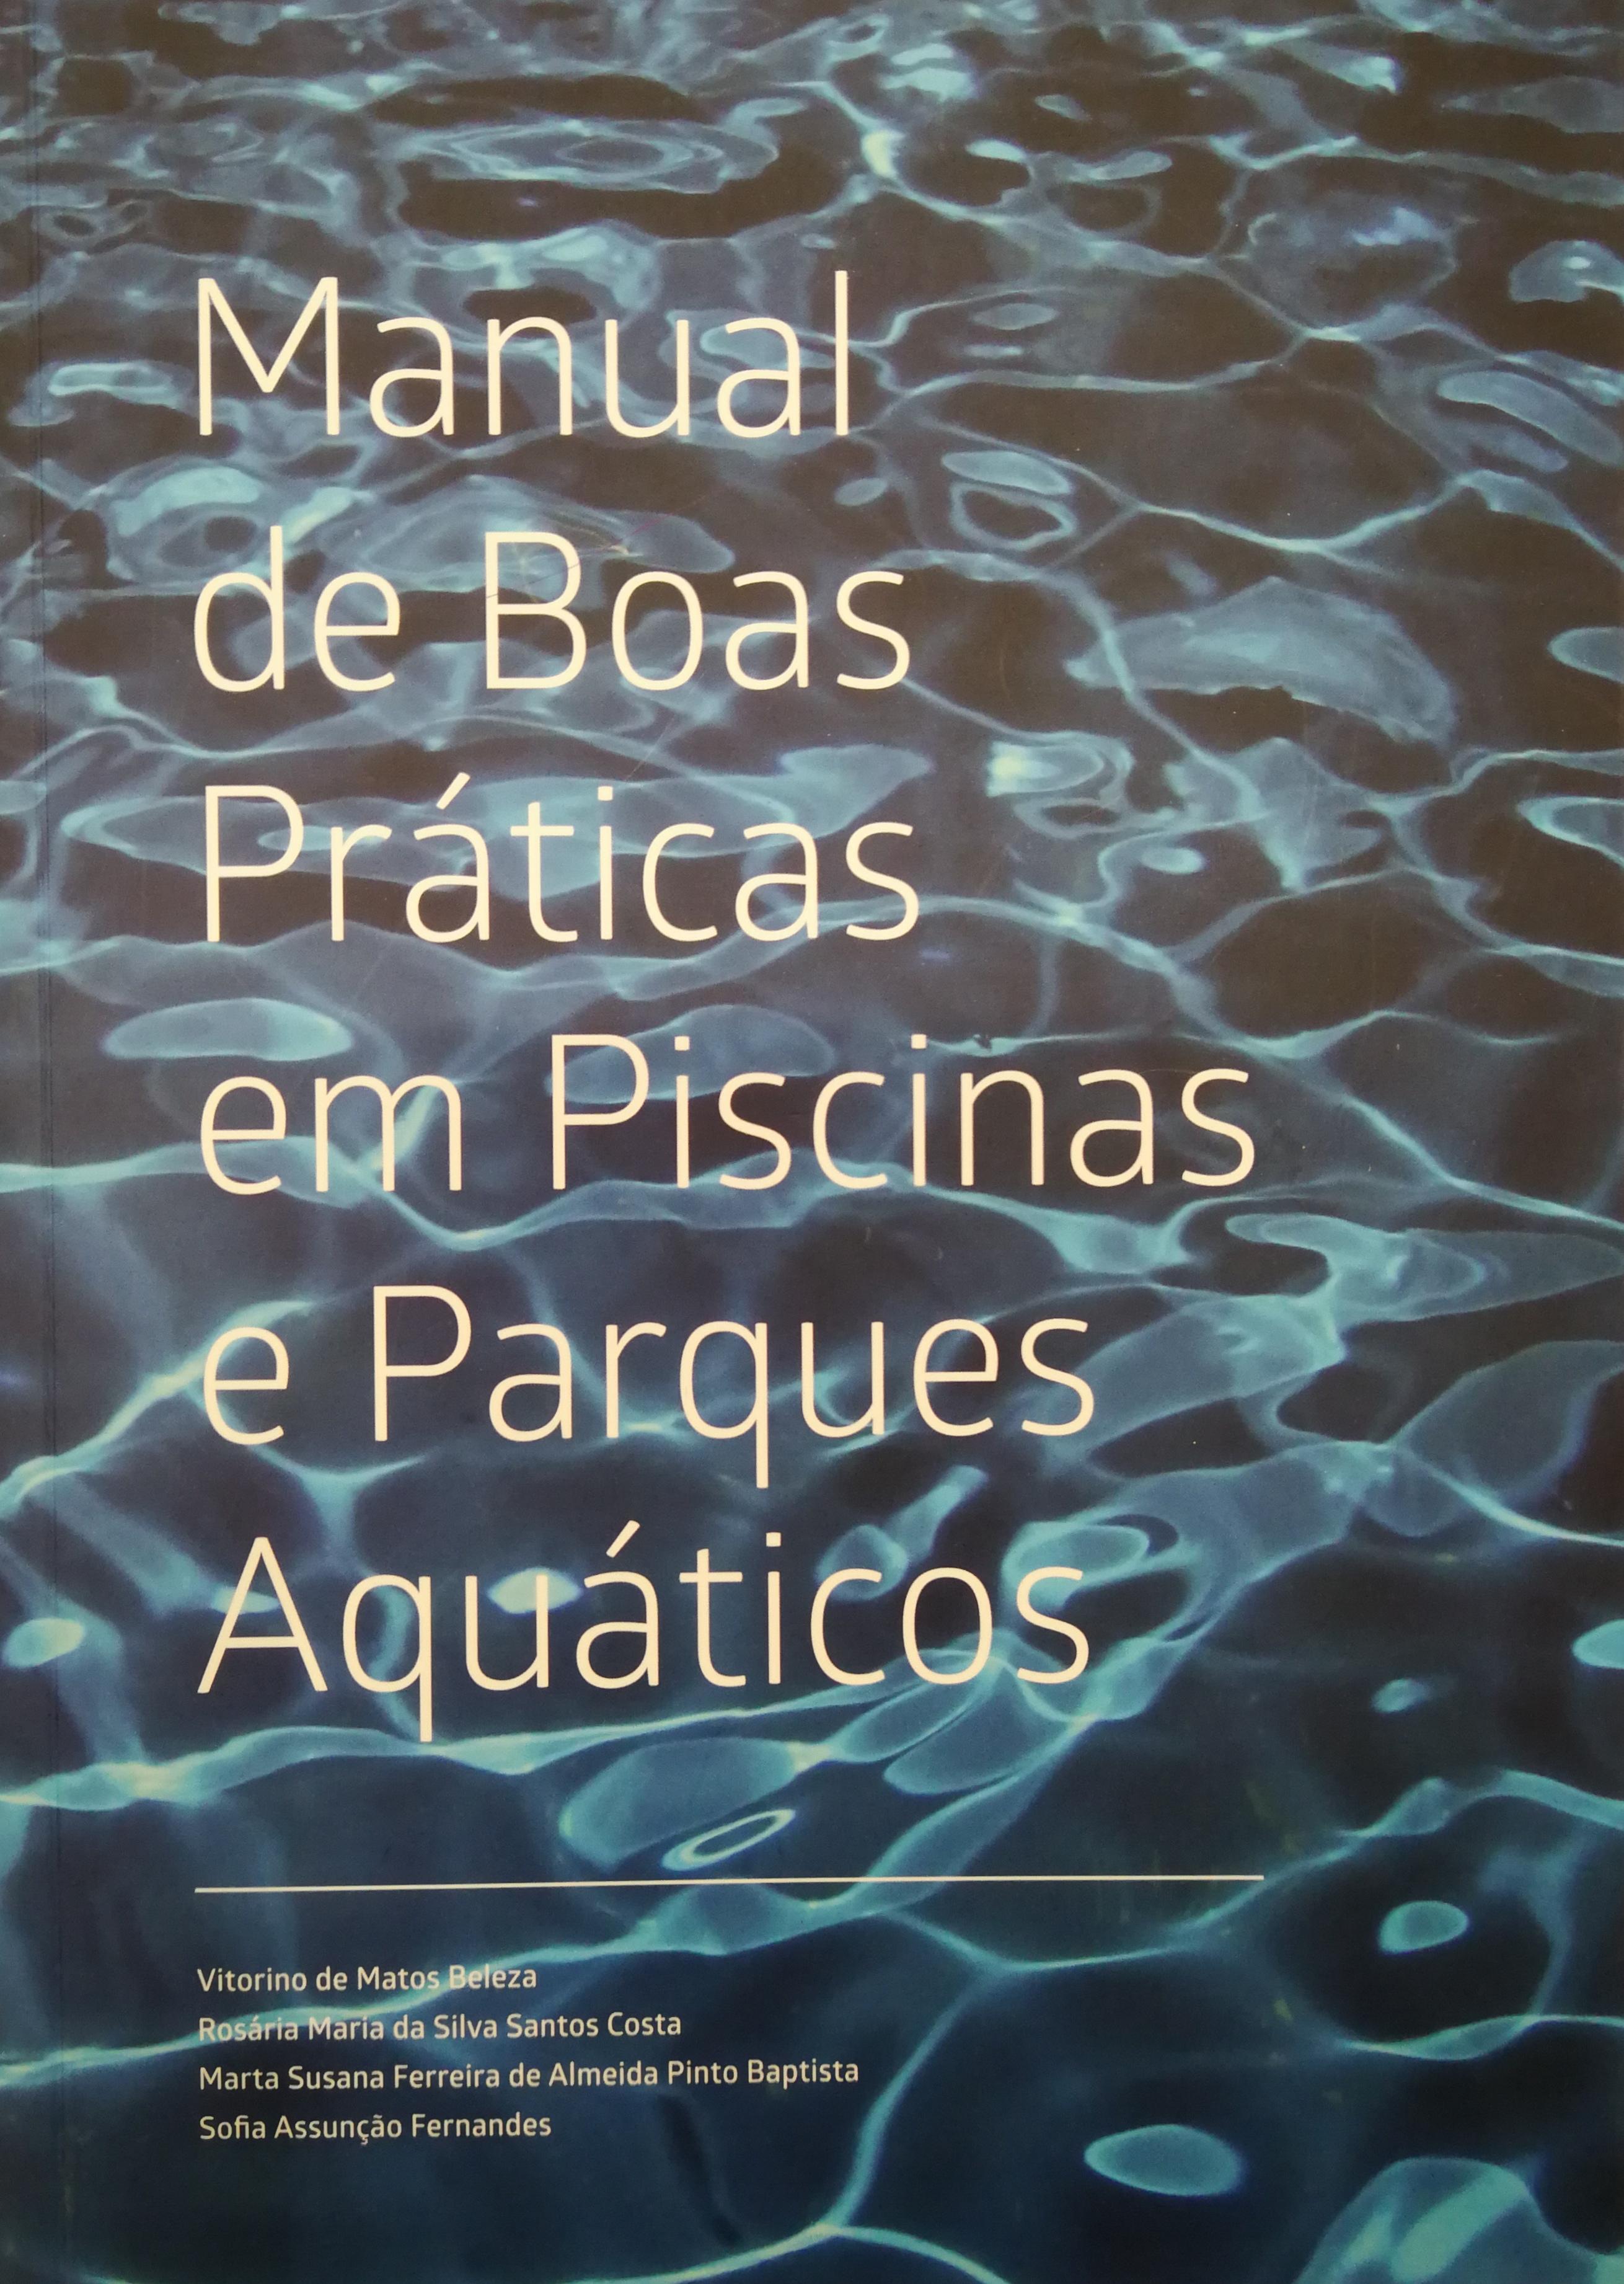 Manual de Boas Praticas em Piscinas e Parques Aquaticos